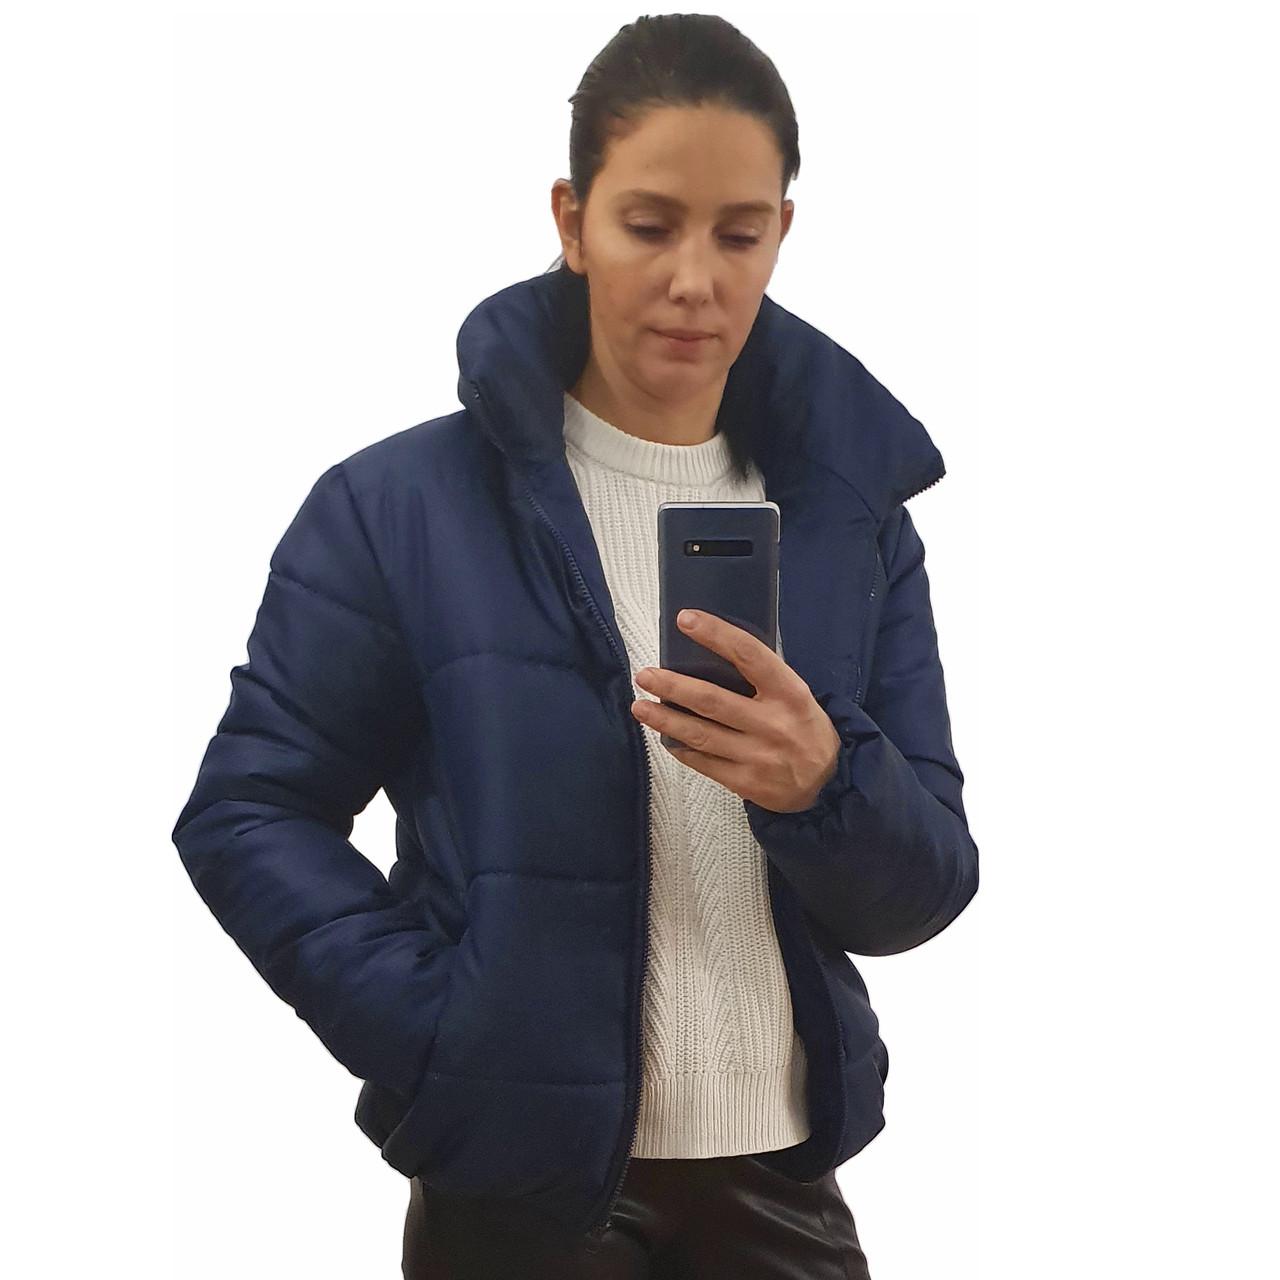 Модная женская куртка р. с 42 по 48 модель вик.синий